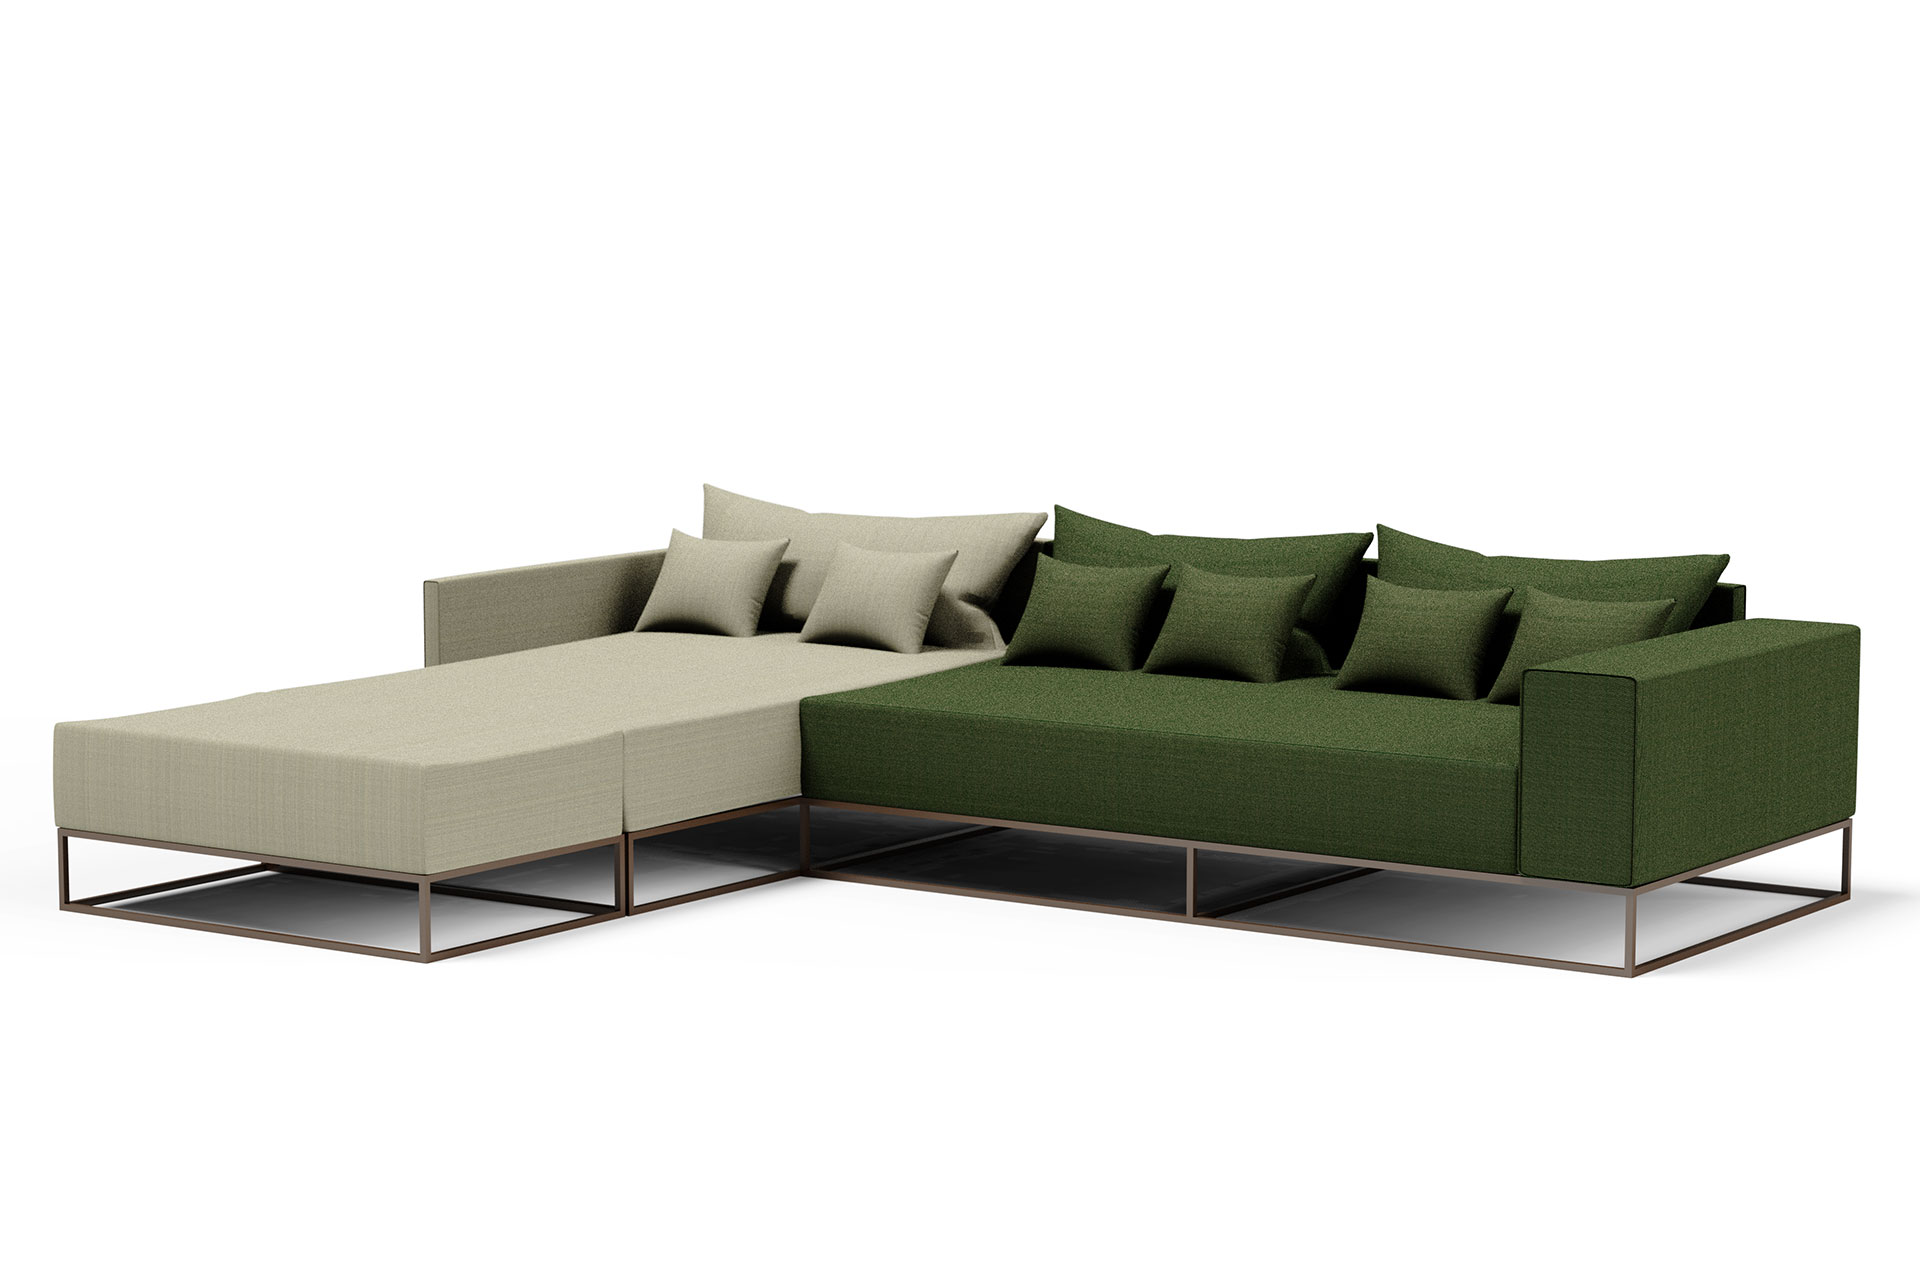 sofa-mondrian-fahrer-1